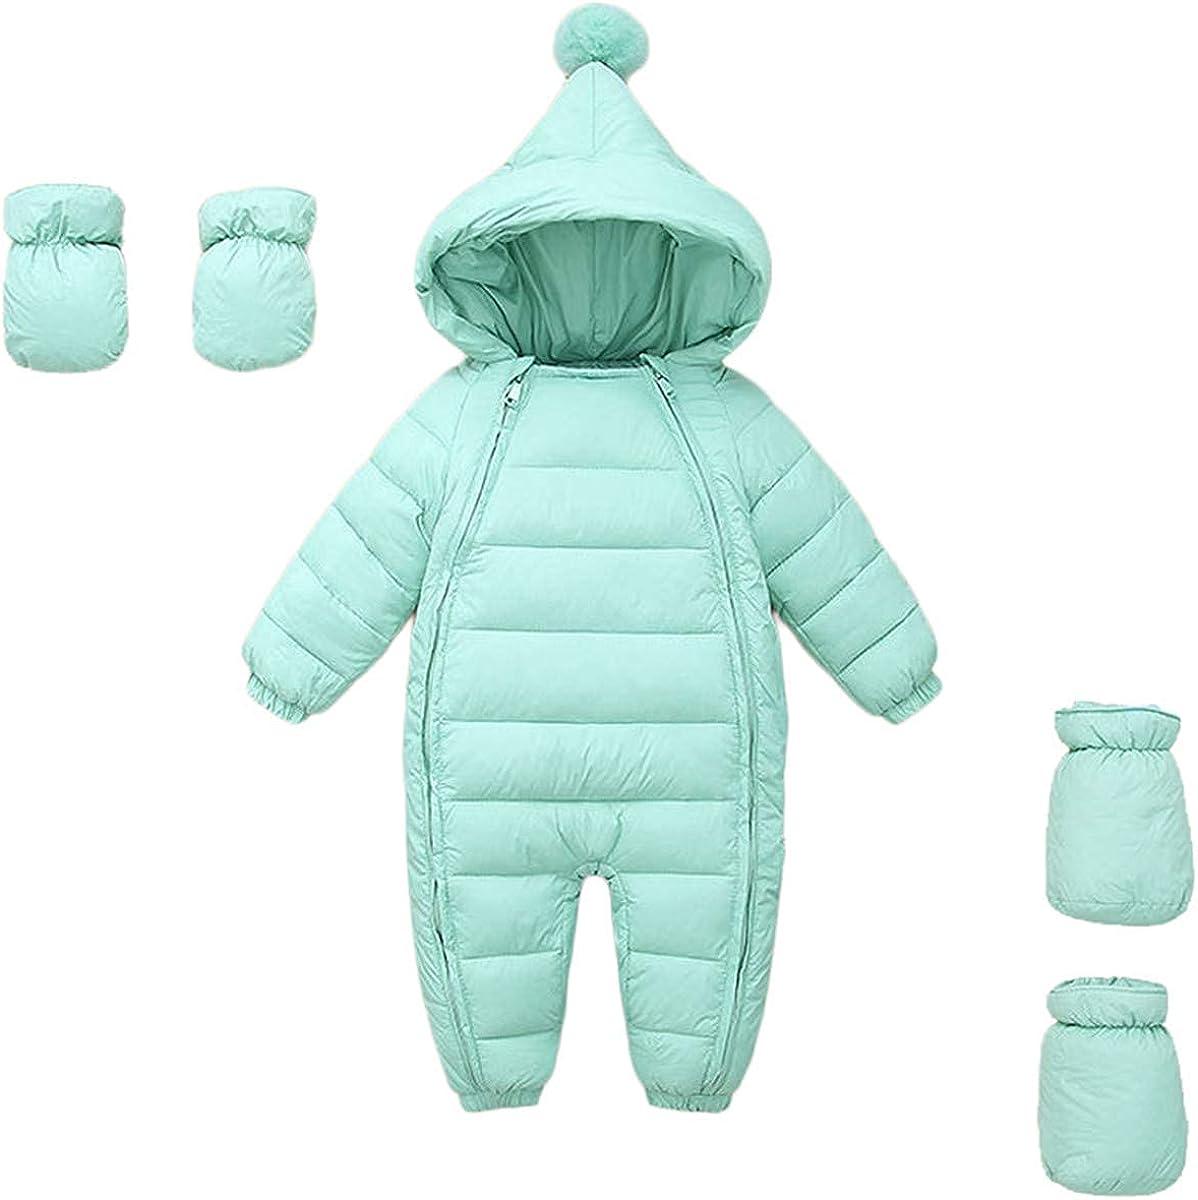 Ohrwurm 3 Pcs Baby Adorable Snow Wear Hoodie Jumpsuit Winter Double Zip Up Snowsuit